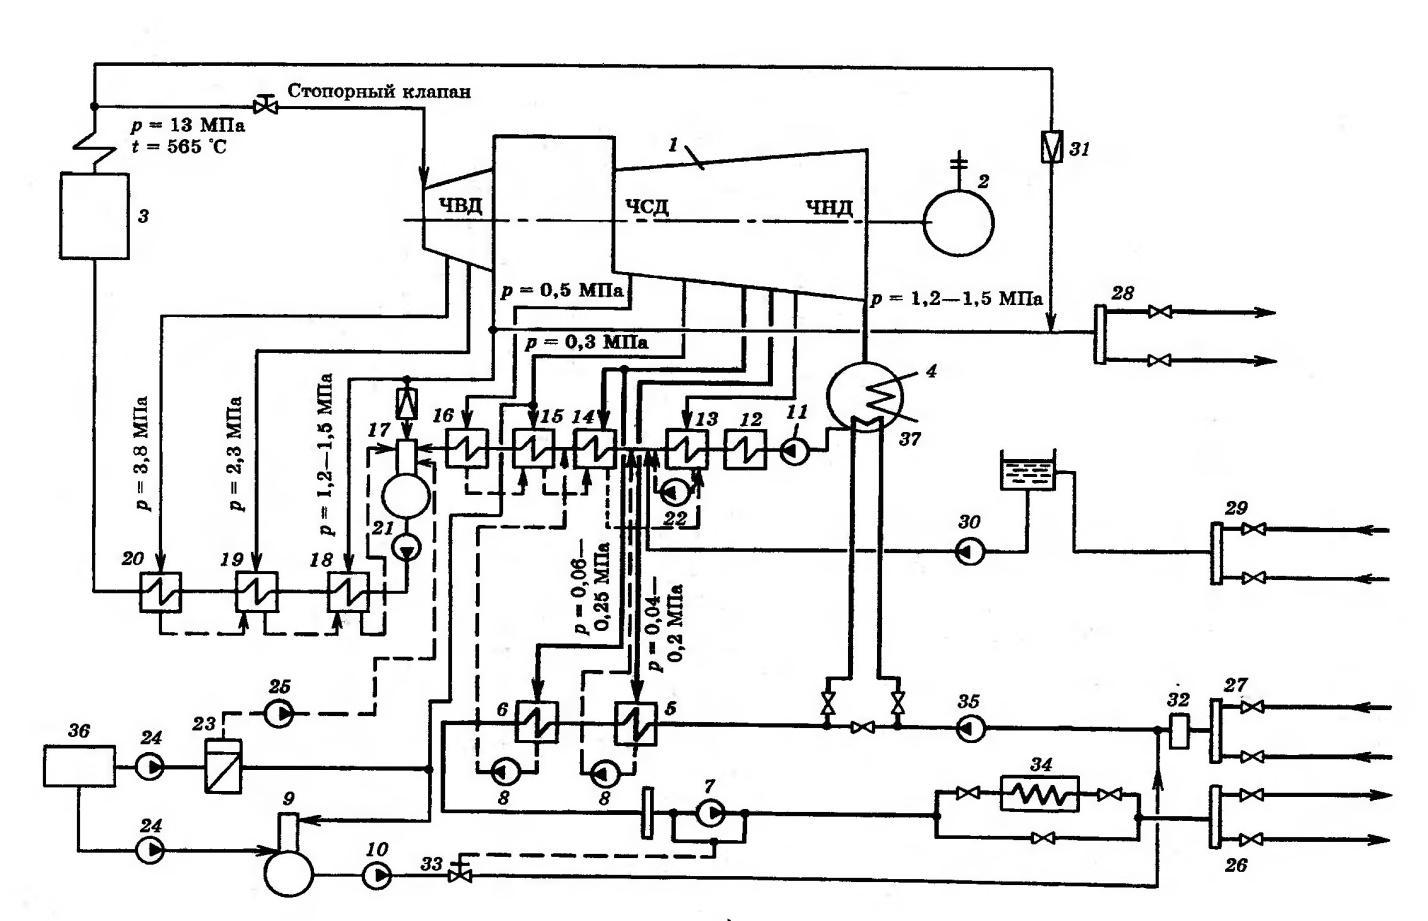 Принципиальная схема водогрейной котельной